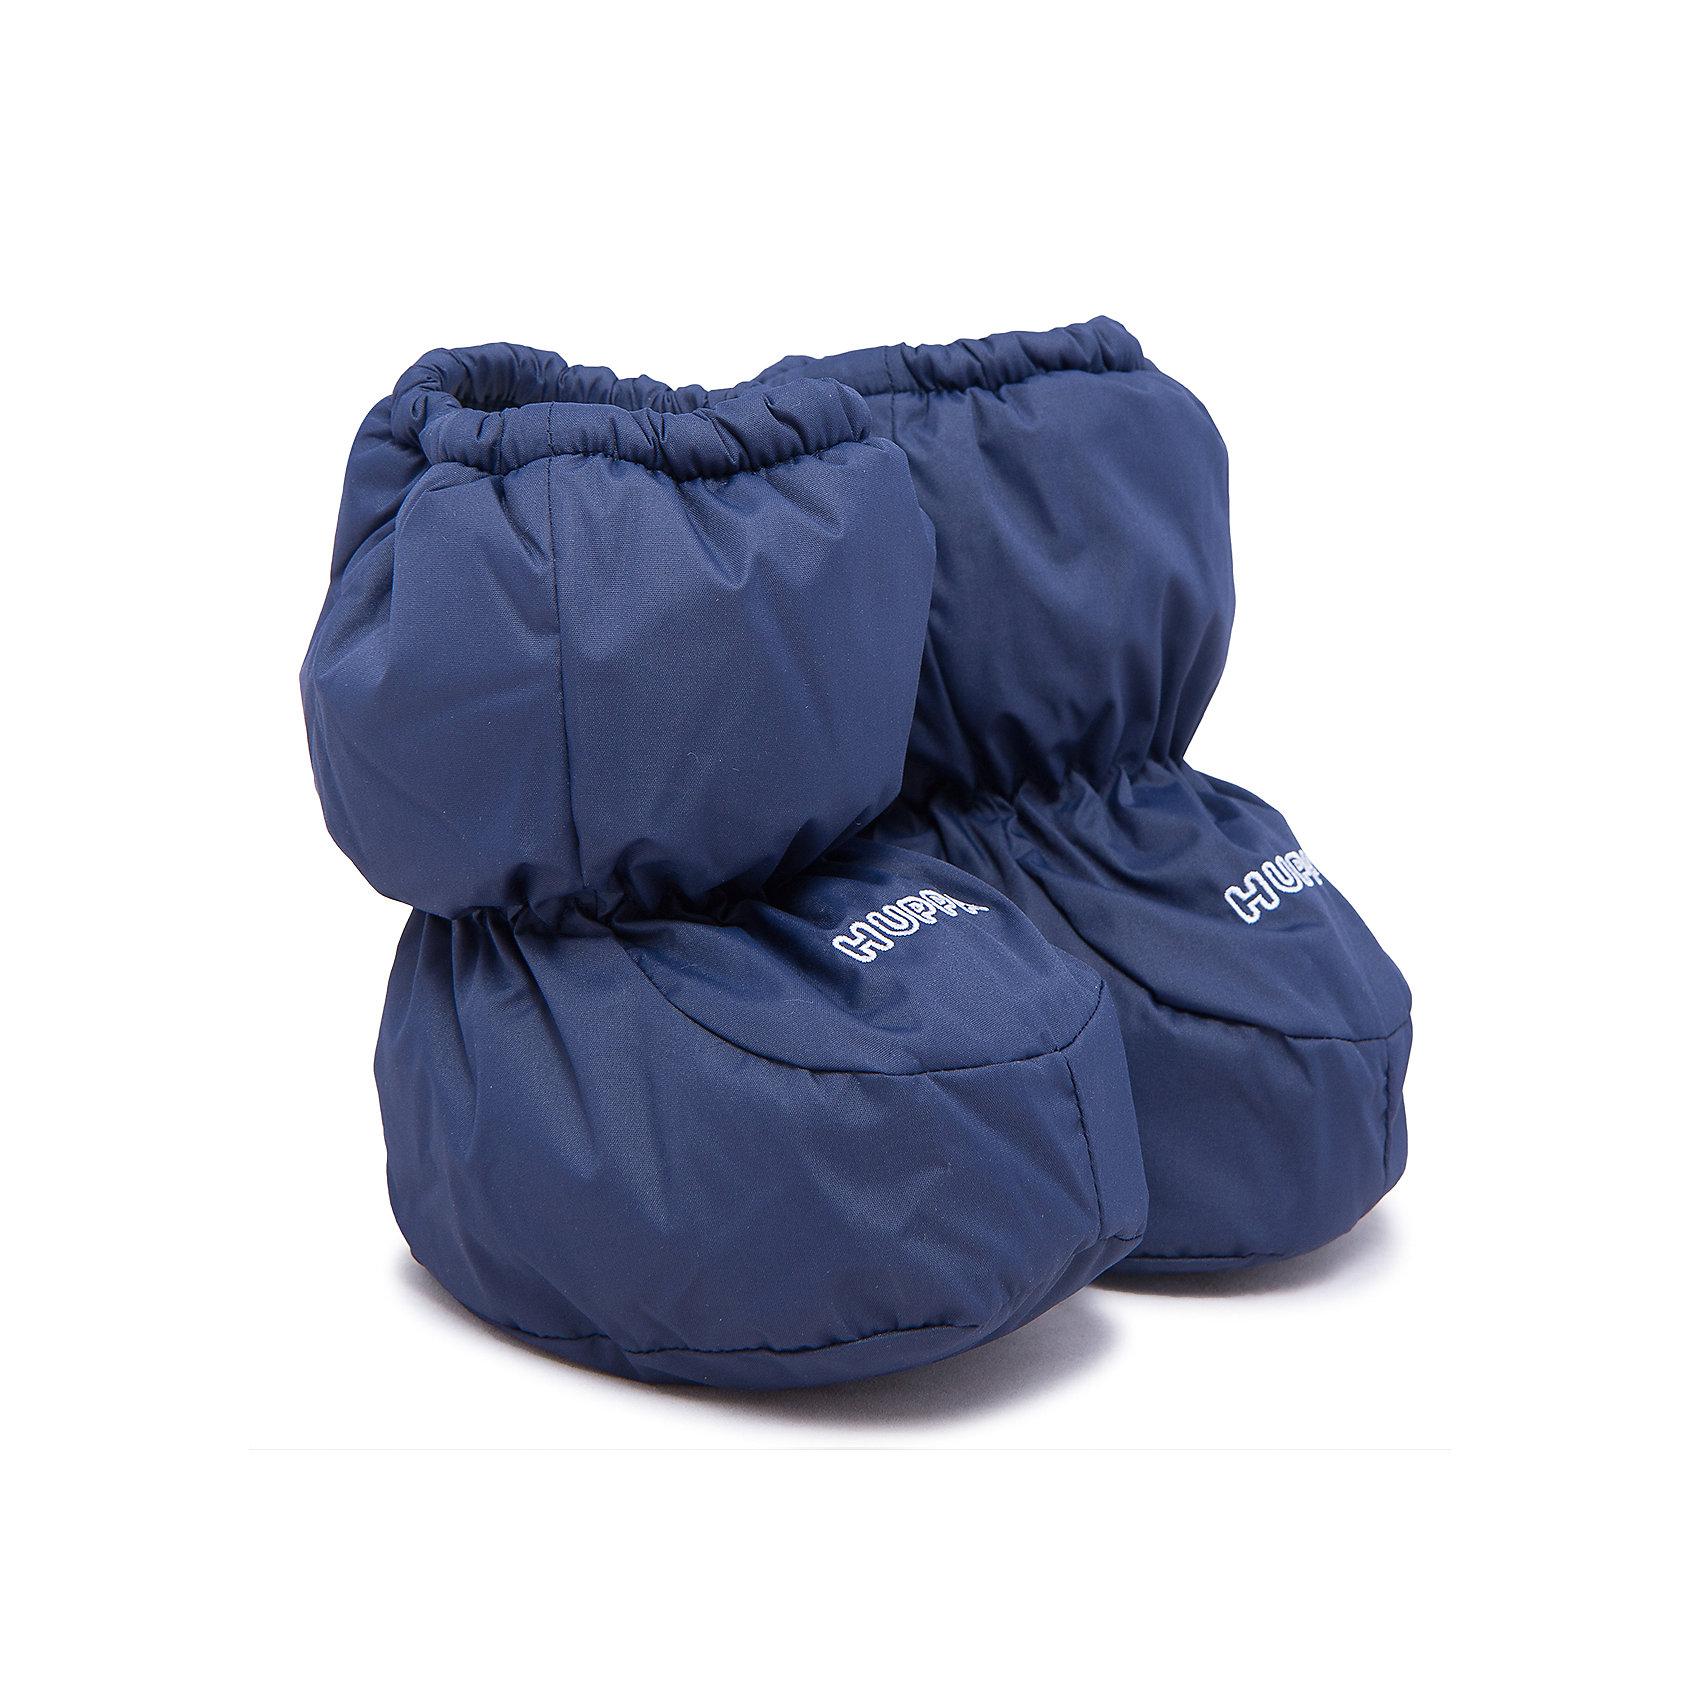 Пинетки HuppaПинетки  Huppa<br><br>Первые прогулочные пинетки для коляски, согреют Вашего малыша в прохладную погоду.<br><br>Состав: 100% Полиэстер<br><br>Ширина мм: 157<br>Глубина мм: 13<br>Высота мм: 119<br>Вес г: 200<br>Цвет: синий<br>Возраст от месяцев: 0<br>Возраст до месяцев: 12<br>Пол: Унисекс<br>Возраст: Детский<br>Размер: one size<br>SKU: 4923949